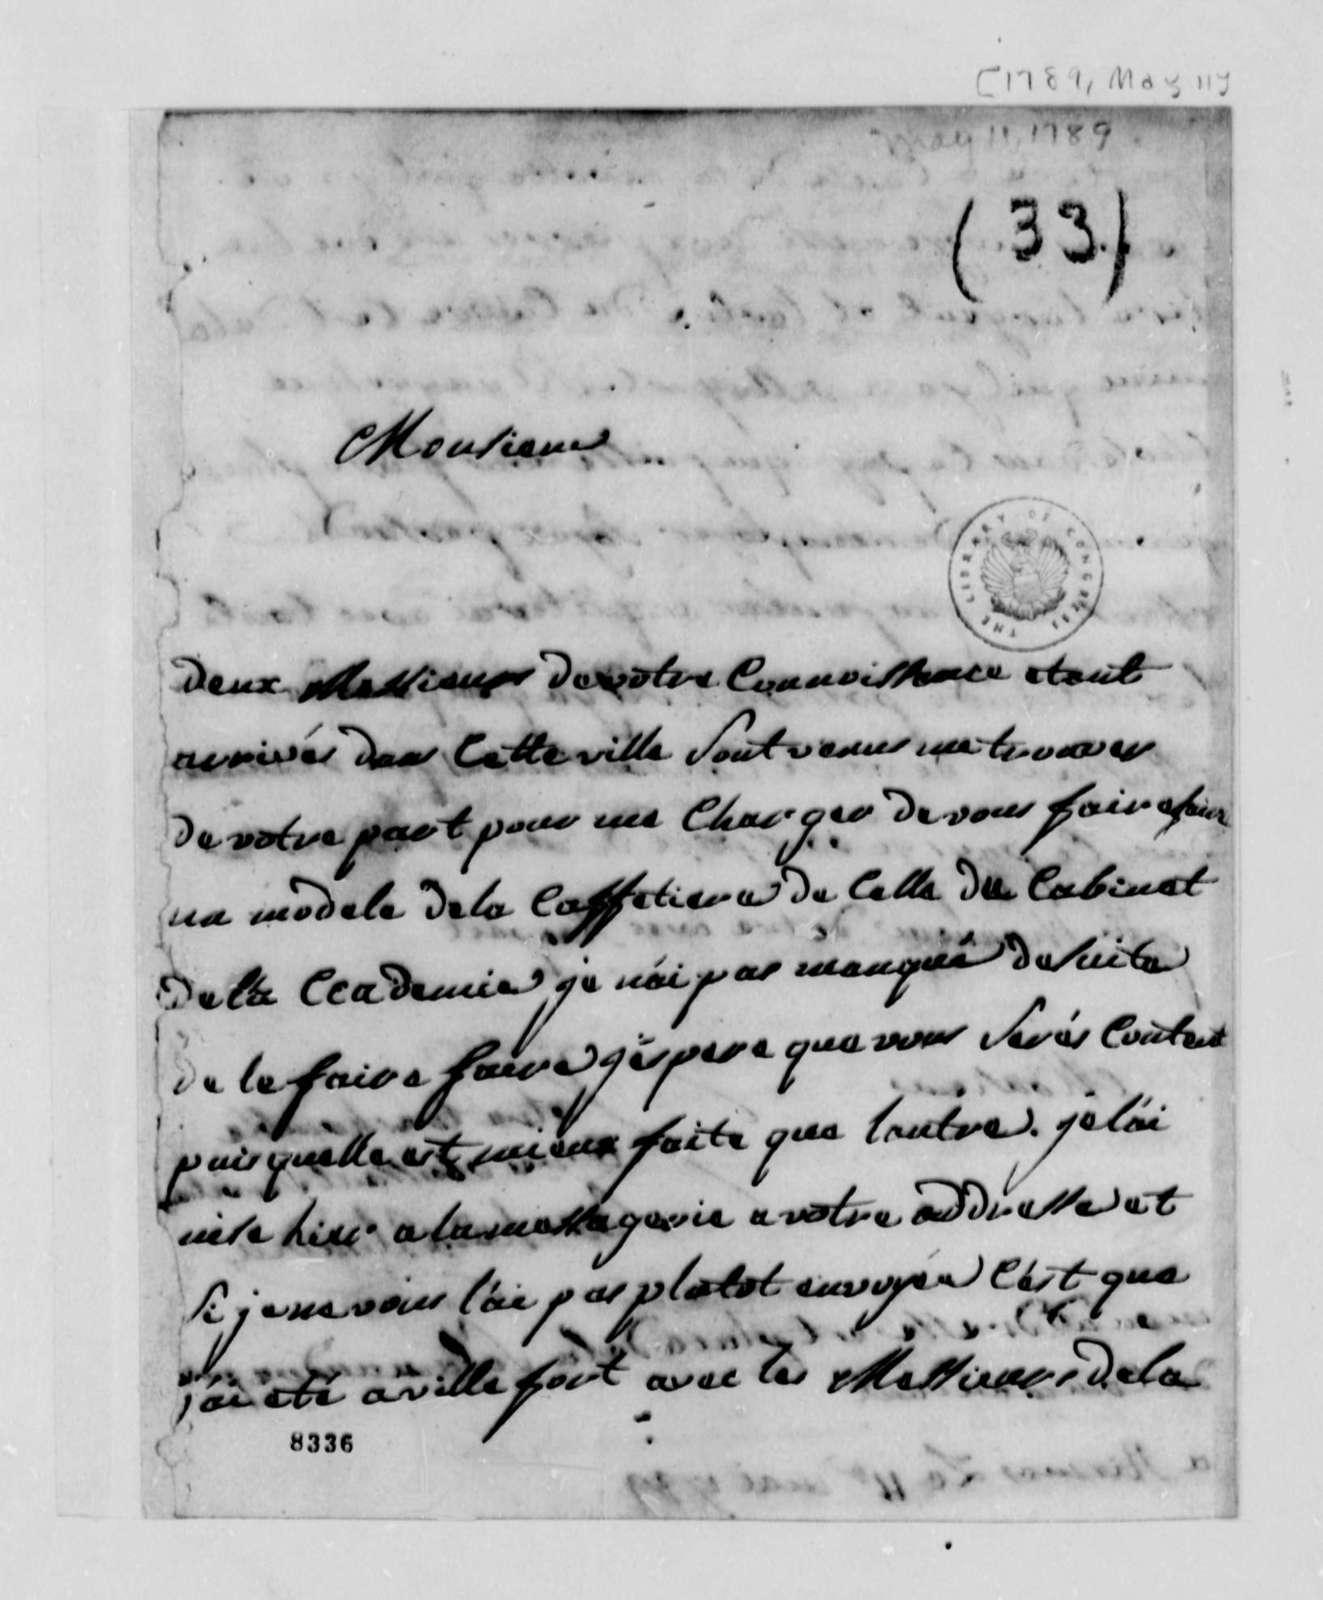 Souche de Blondin to Thomas Jefferson, May 11, 1789